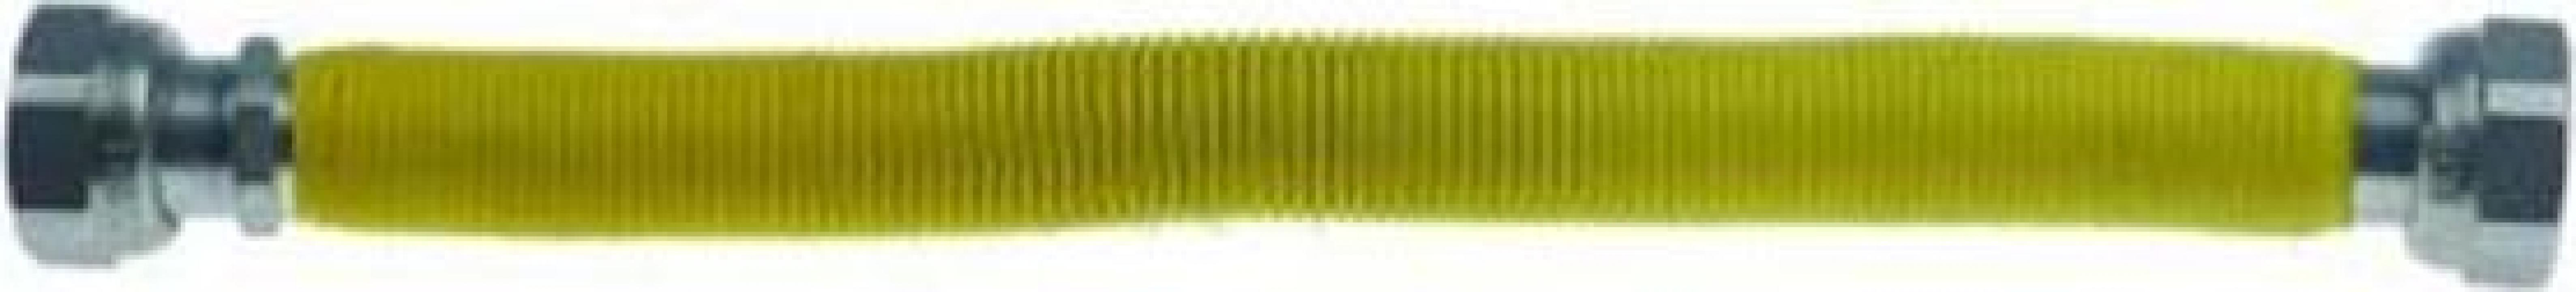 Furtun gaz Uni Cig 9891 lungime 250-500mm